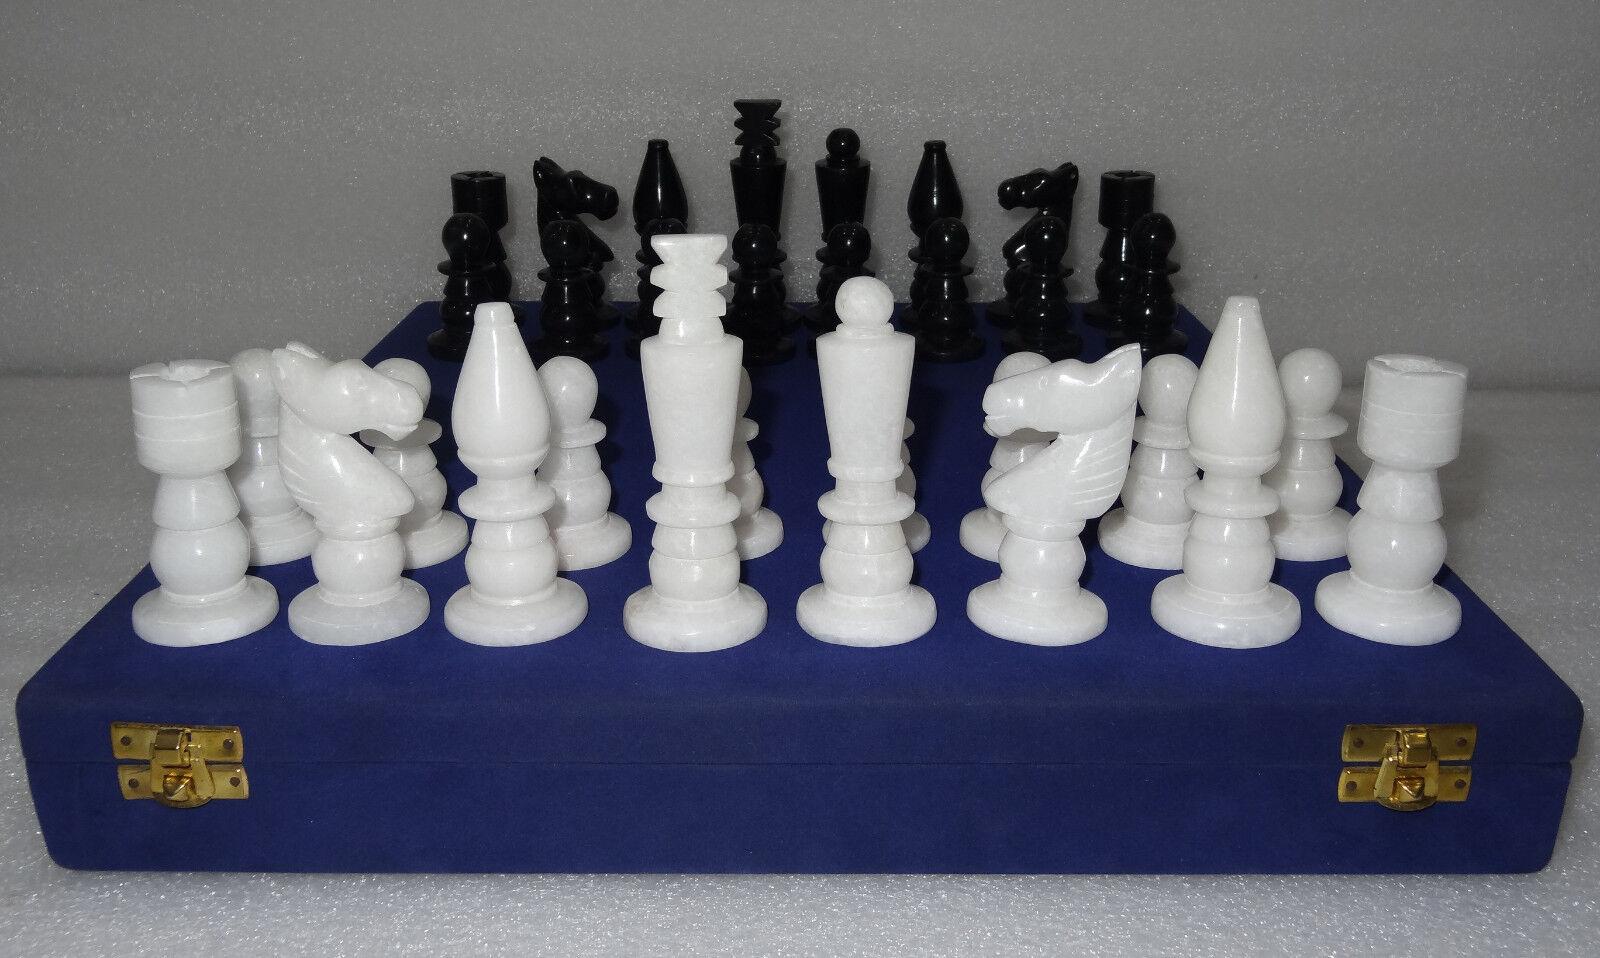 2  piezas de ajedrez negro blancoo marfil Raro Indio Mosaico De Mármol Regalo Decoración de Bellas Artes